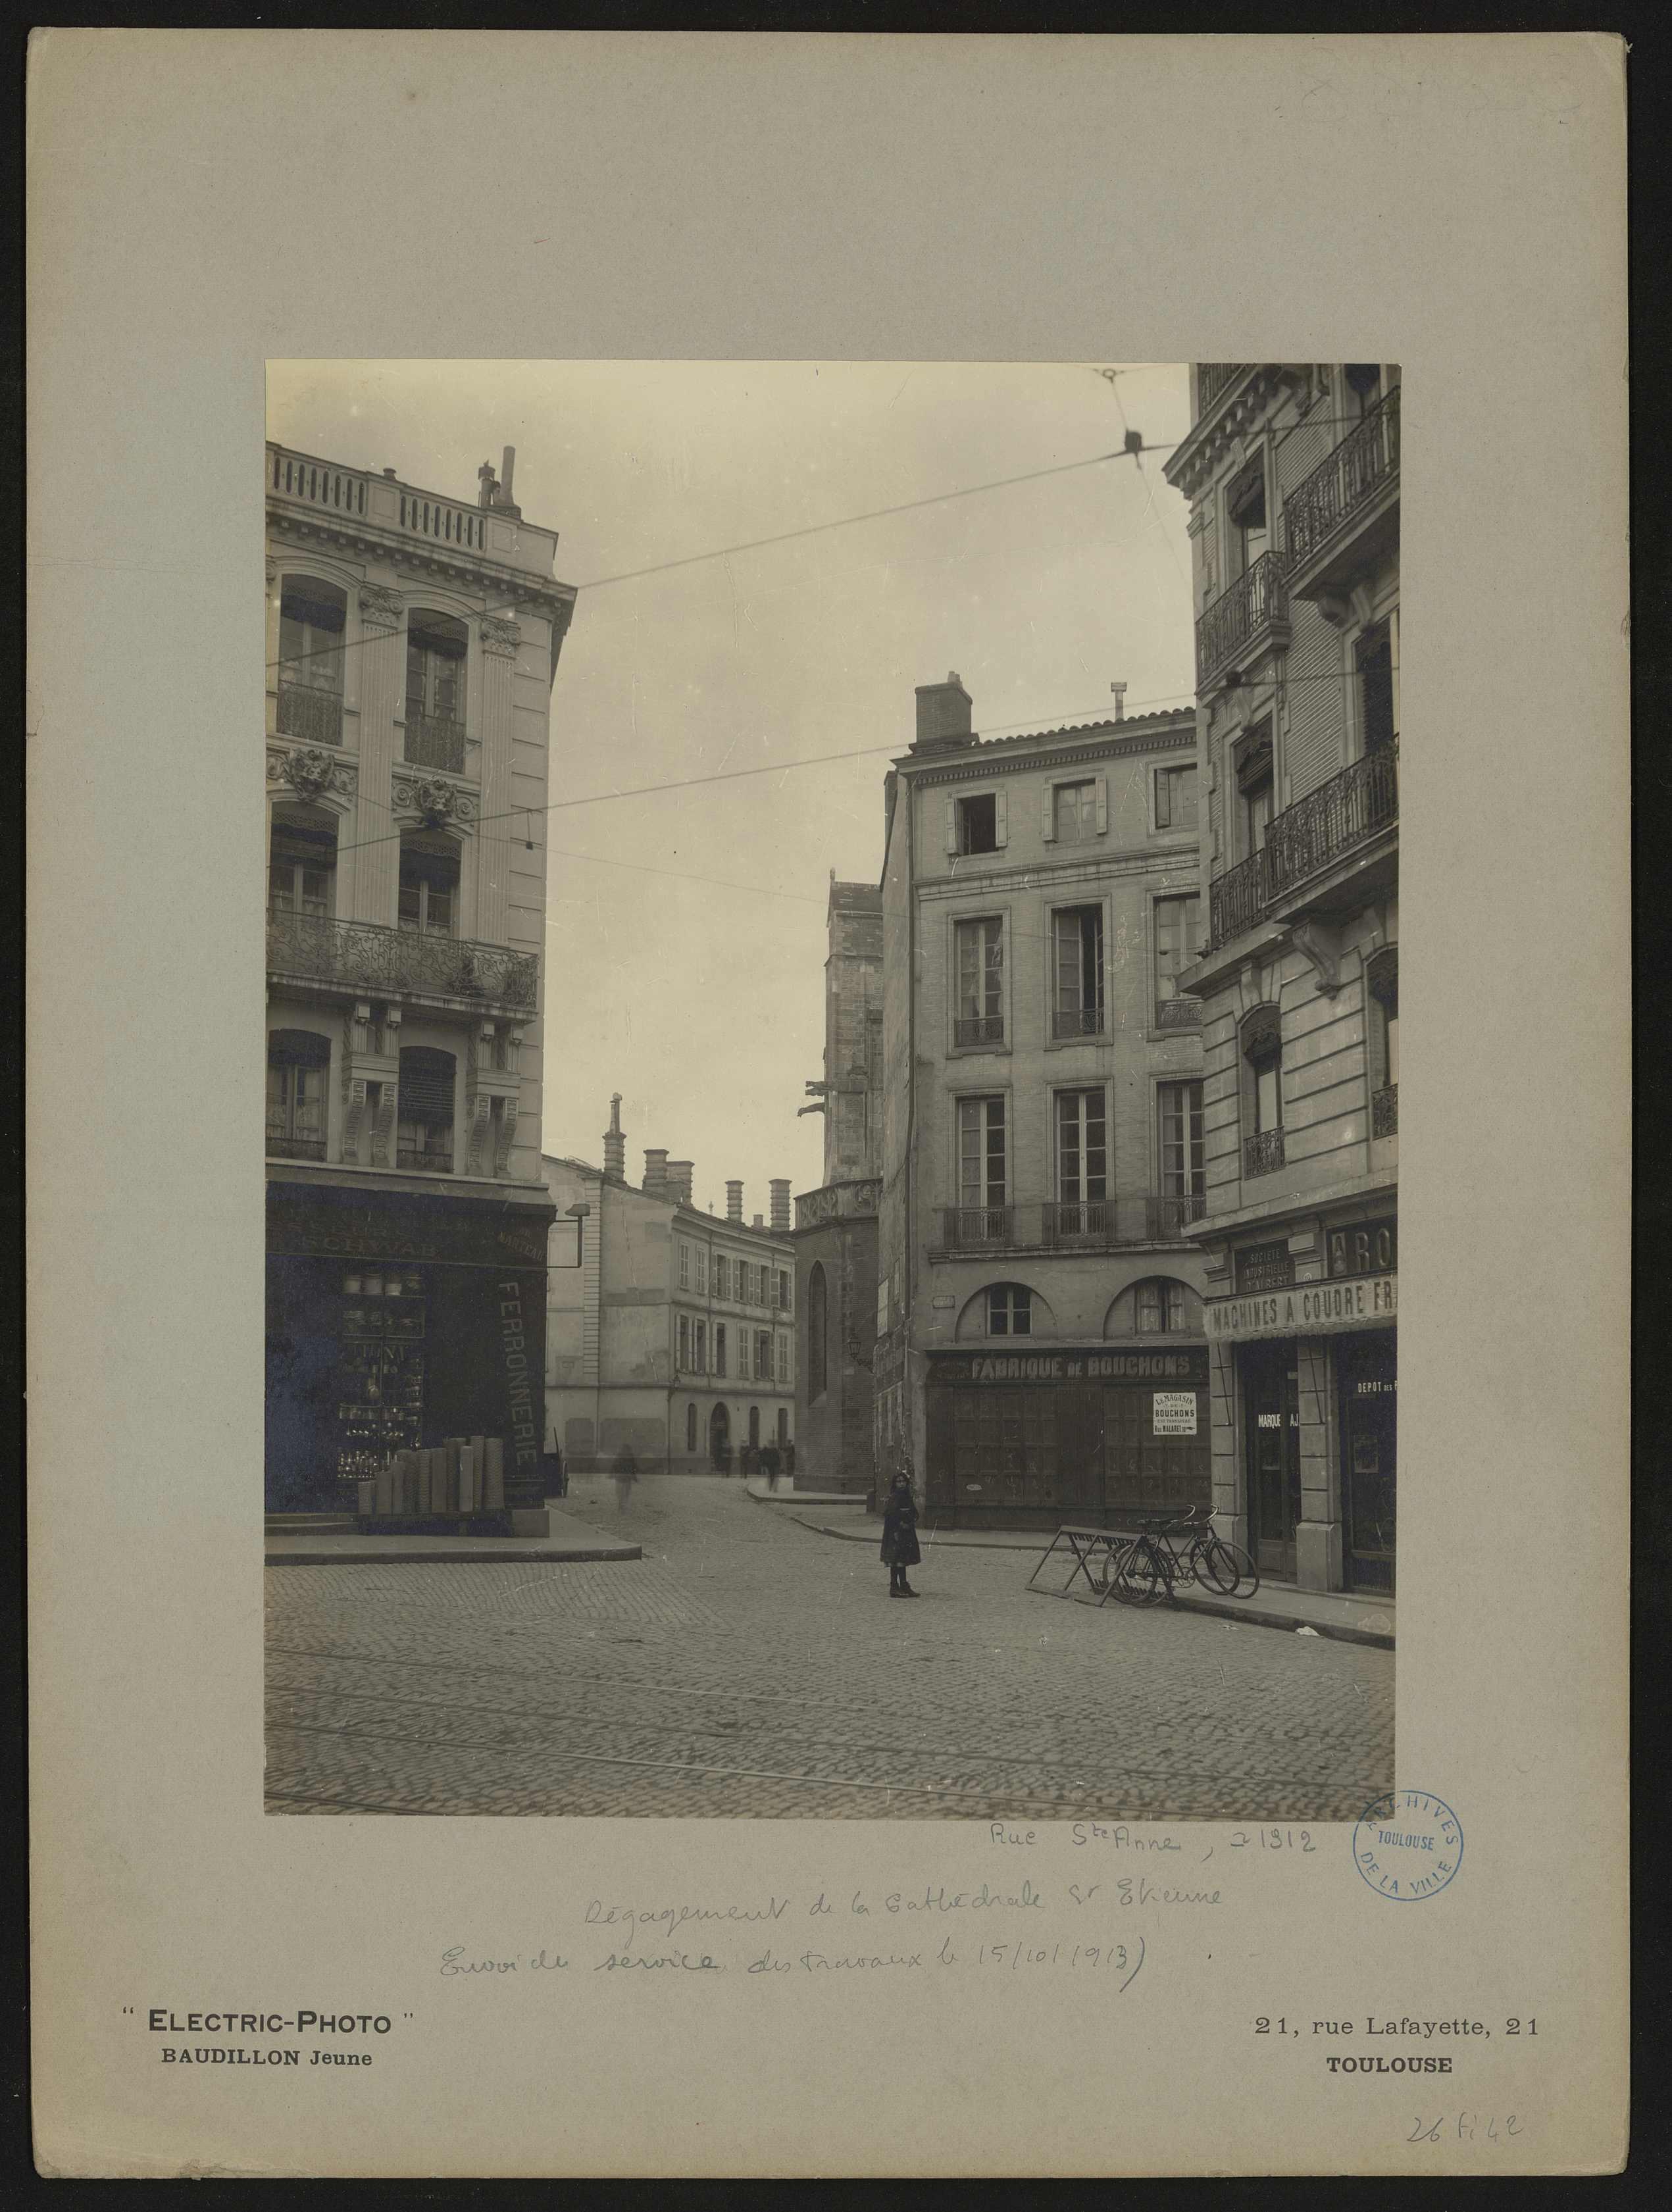 29 Rue De La Ferronnerie file:dégagement de la cathédrale saint-Étienne. rue sainte